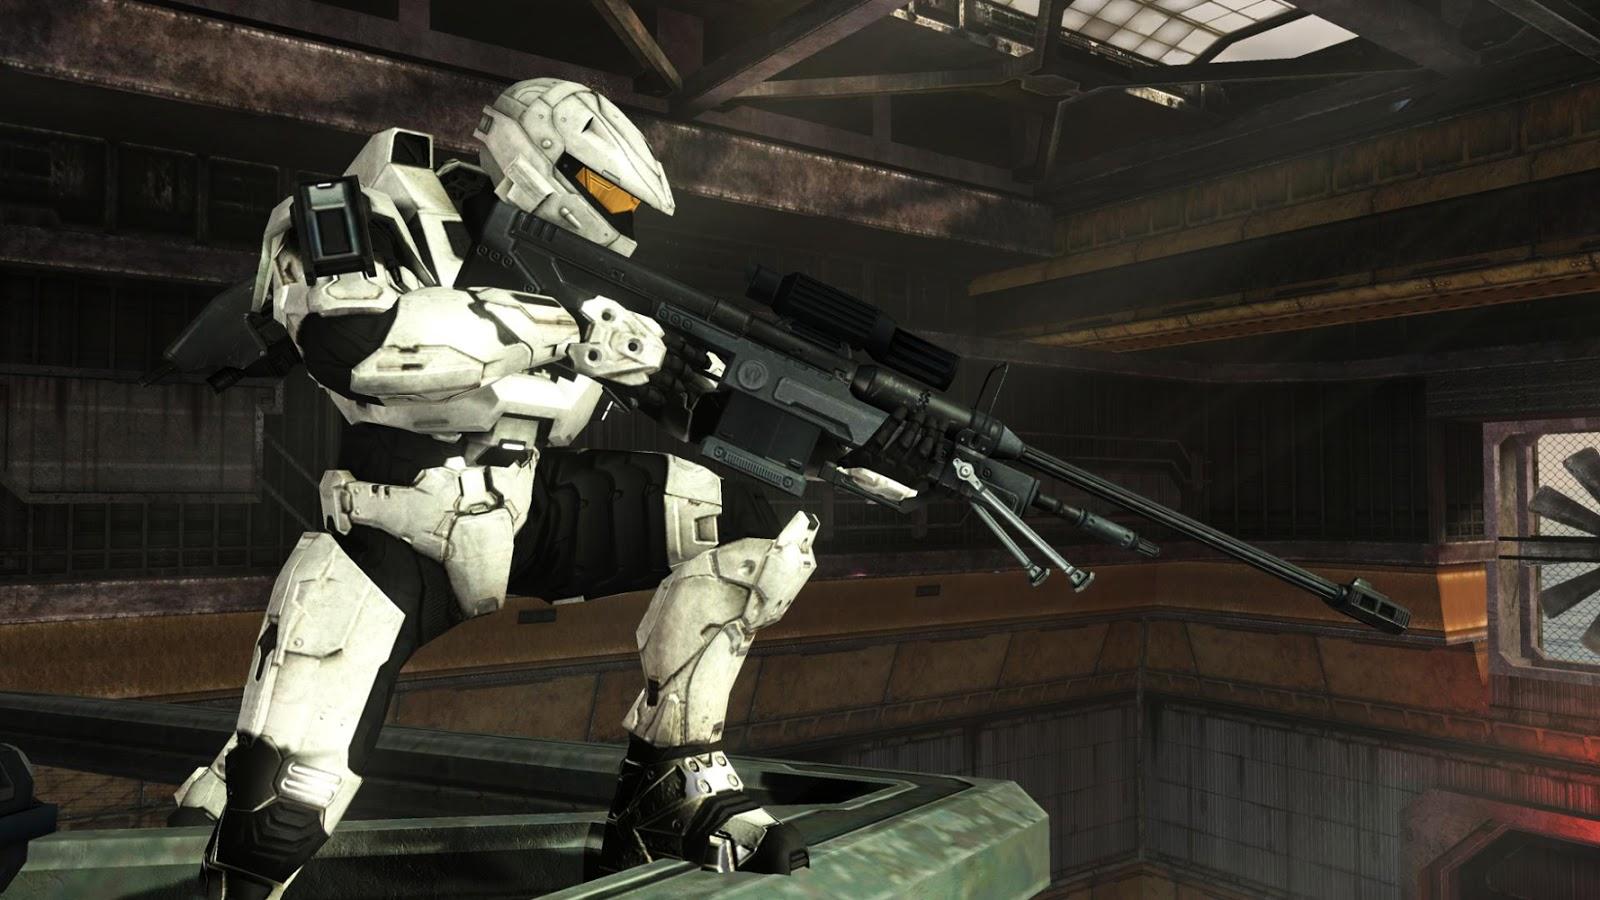 http://2.bp.blogspot.com/-FkE56YySwr4/UKZ2rSix8ZI/AAAAAAAAGHg/RnVhQ6nnWq4/s1600/Halo-Game-HD-Sniper-Wallpaper_Vvallpaper.Net.jpg